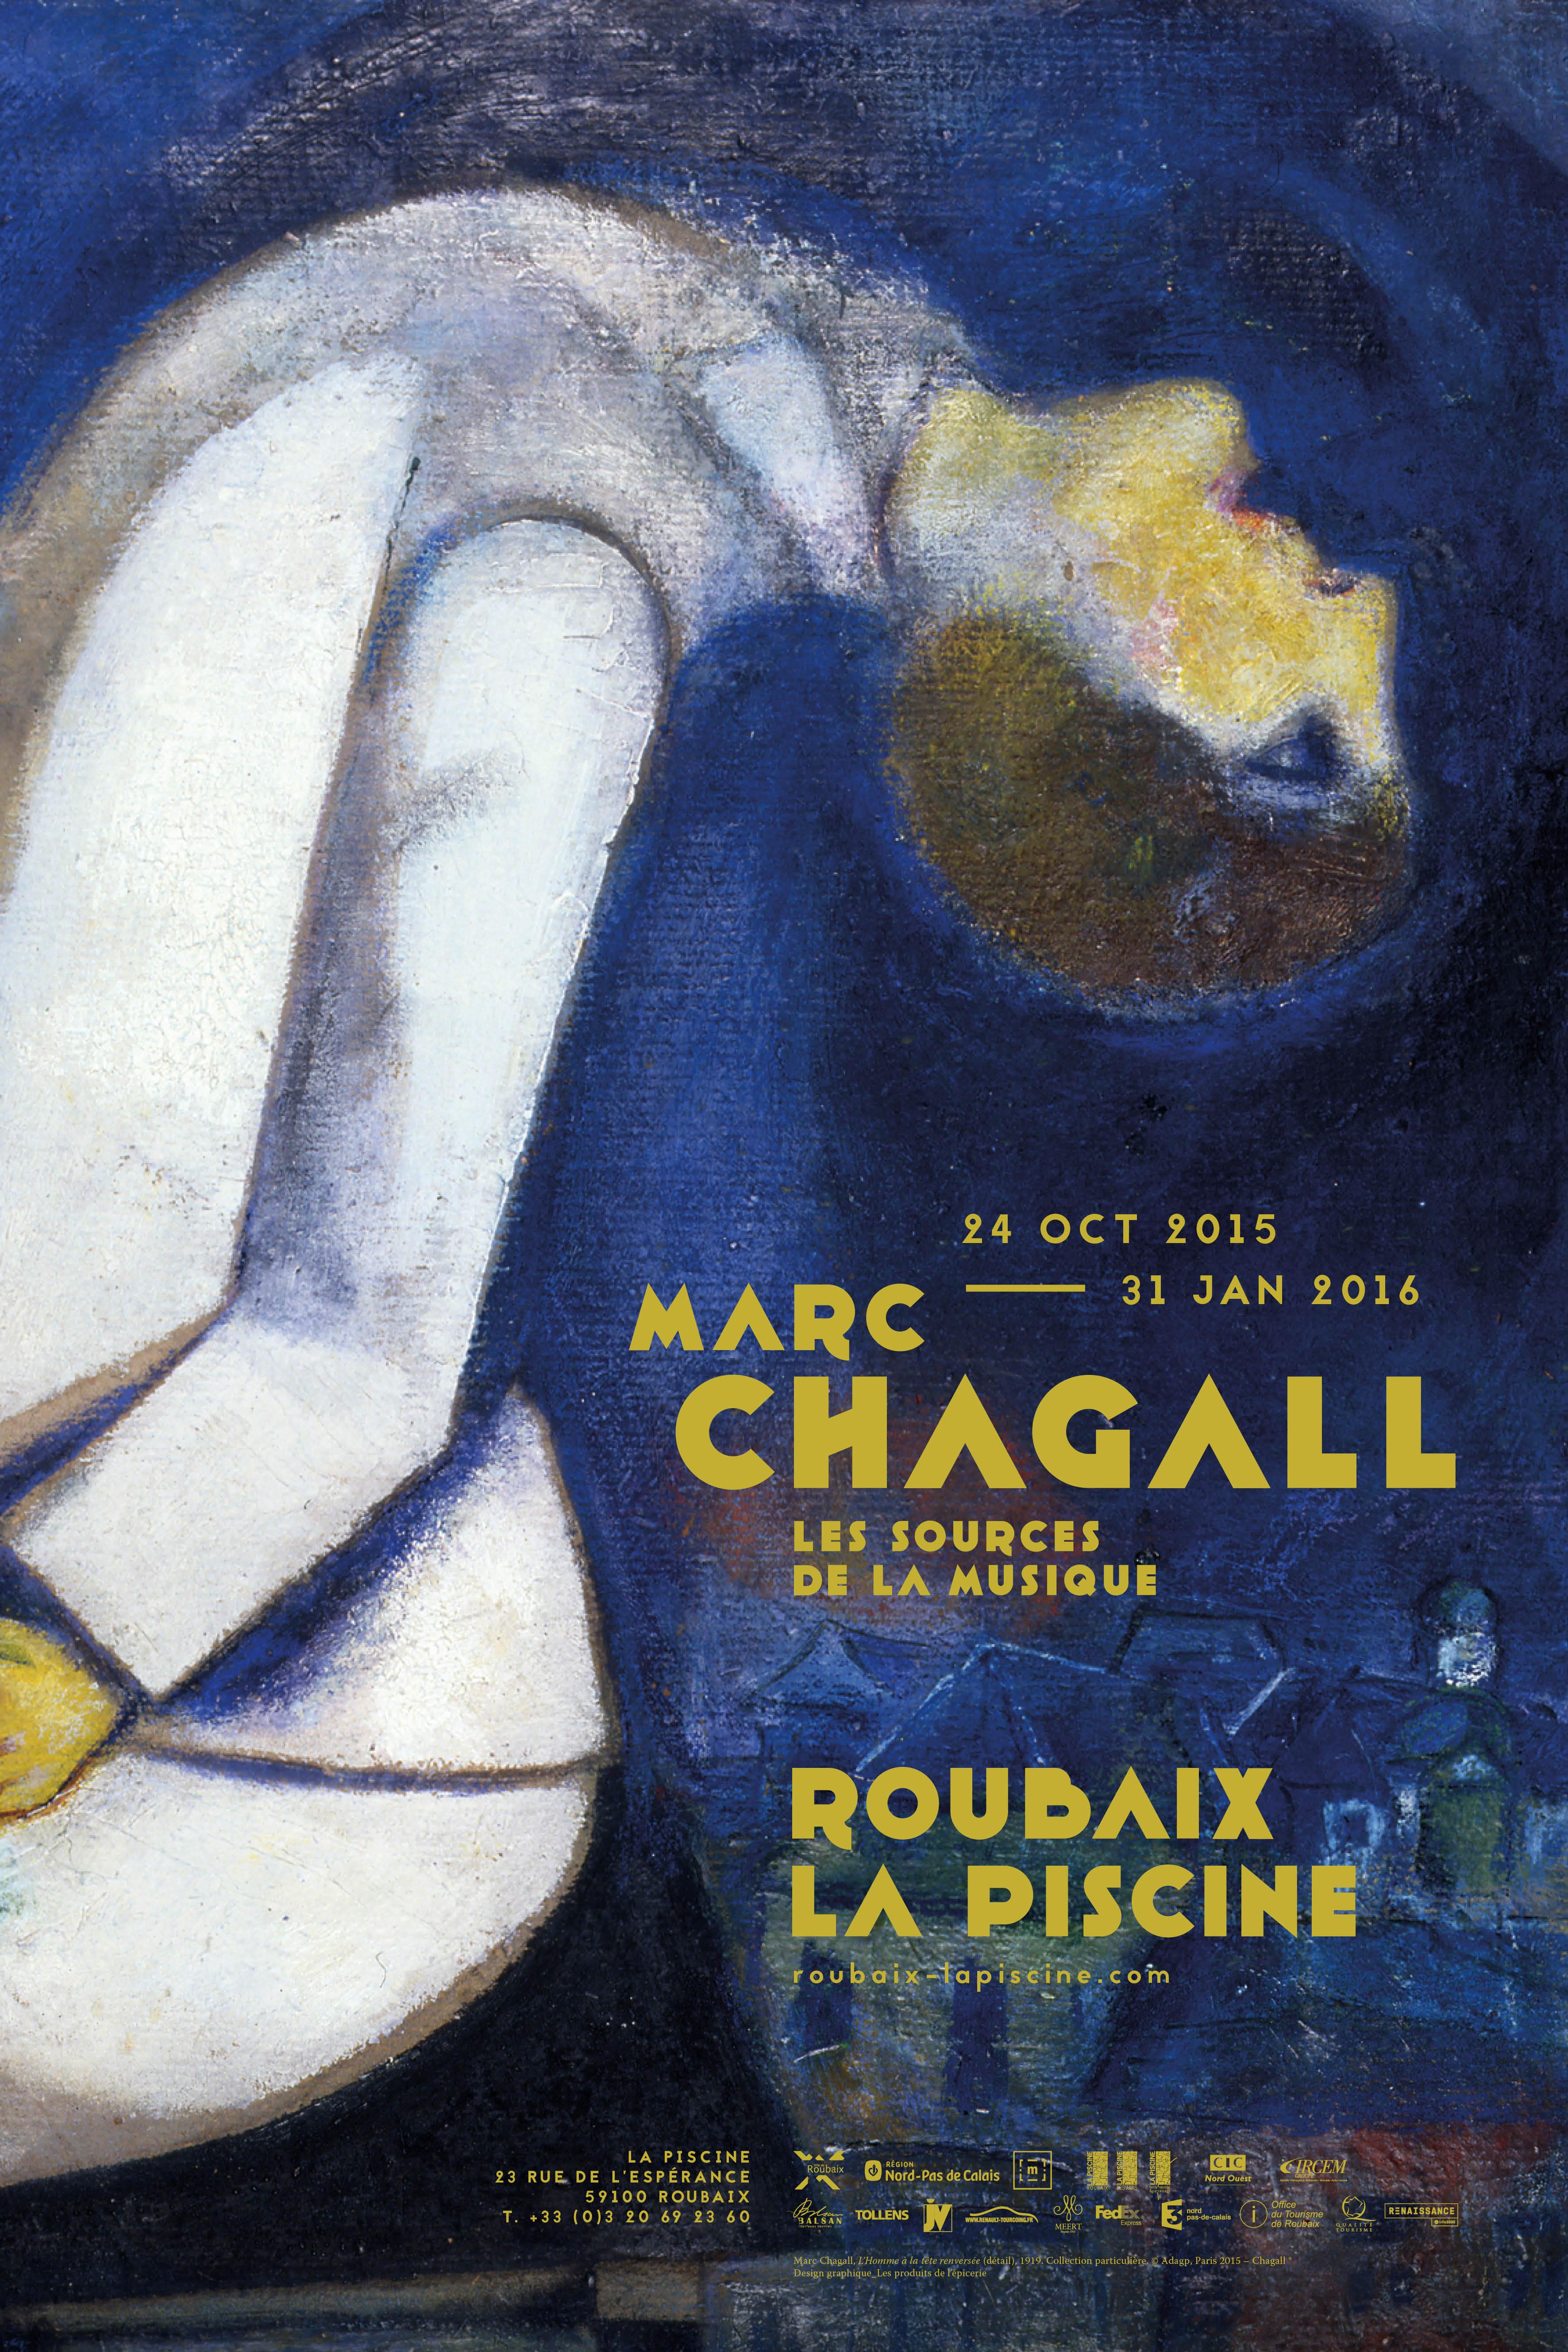 Marc chagall les sources de la musique roubaix la piscine for Musique piscine